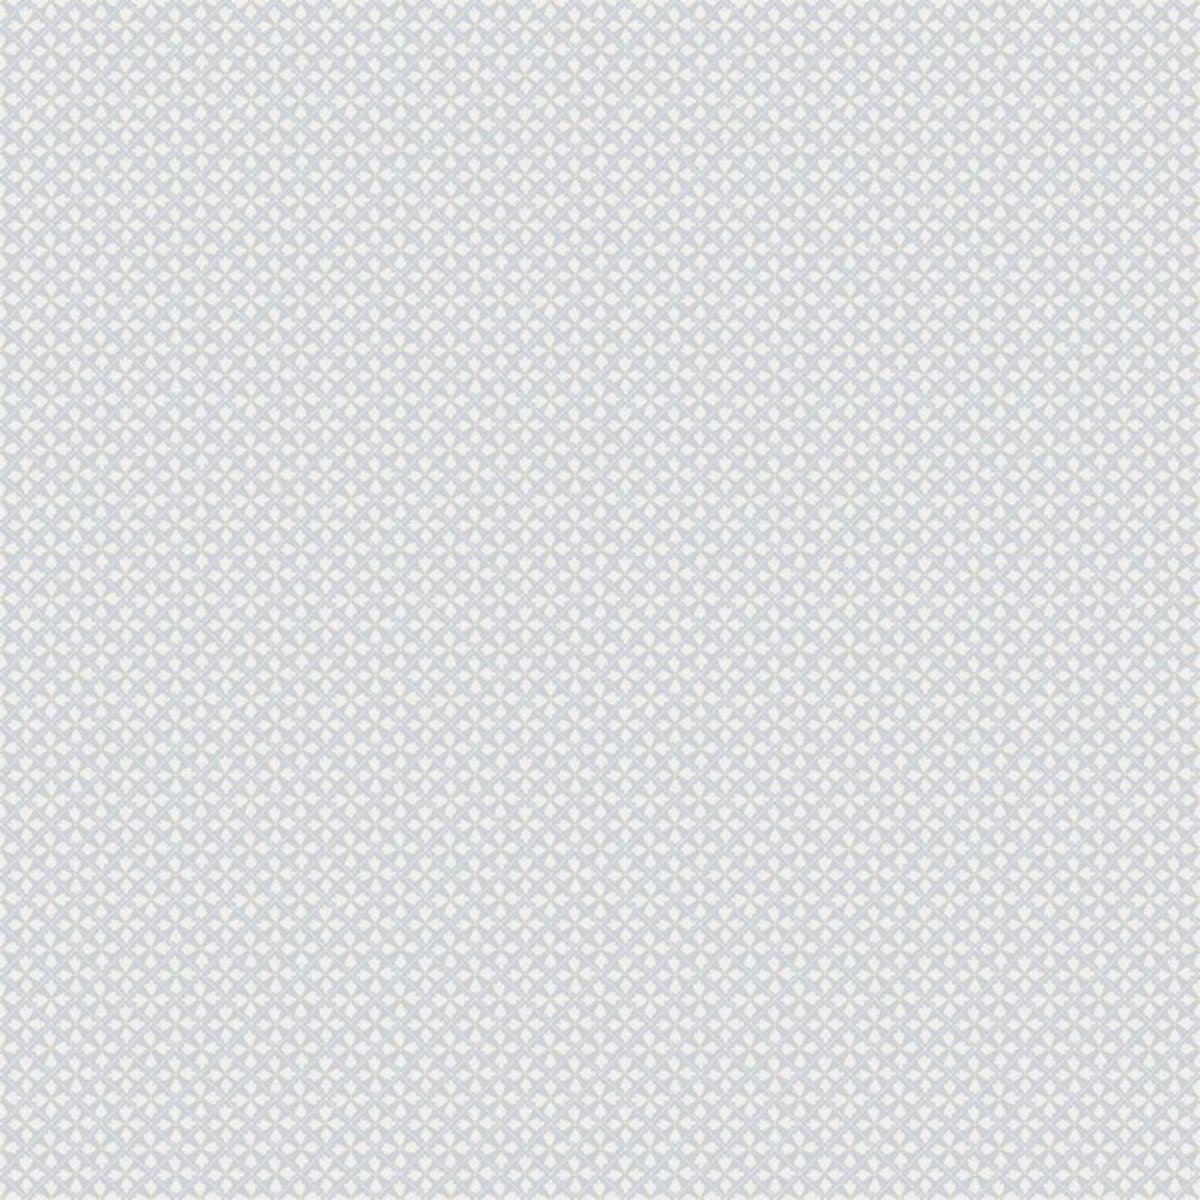 Обои флизелиновые Midbec Blomstermala серые 0.53 м 51015